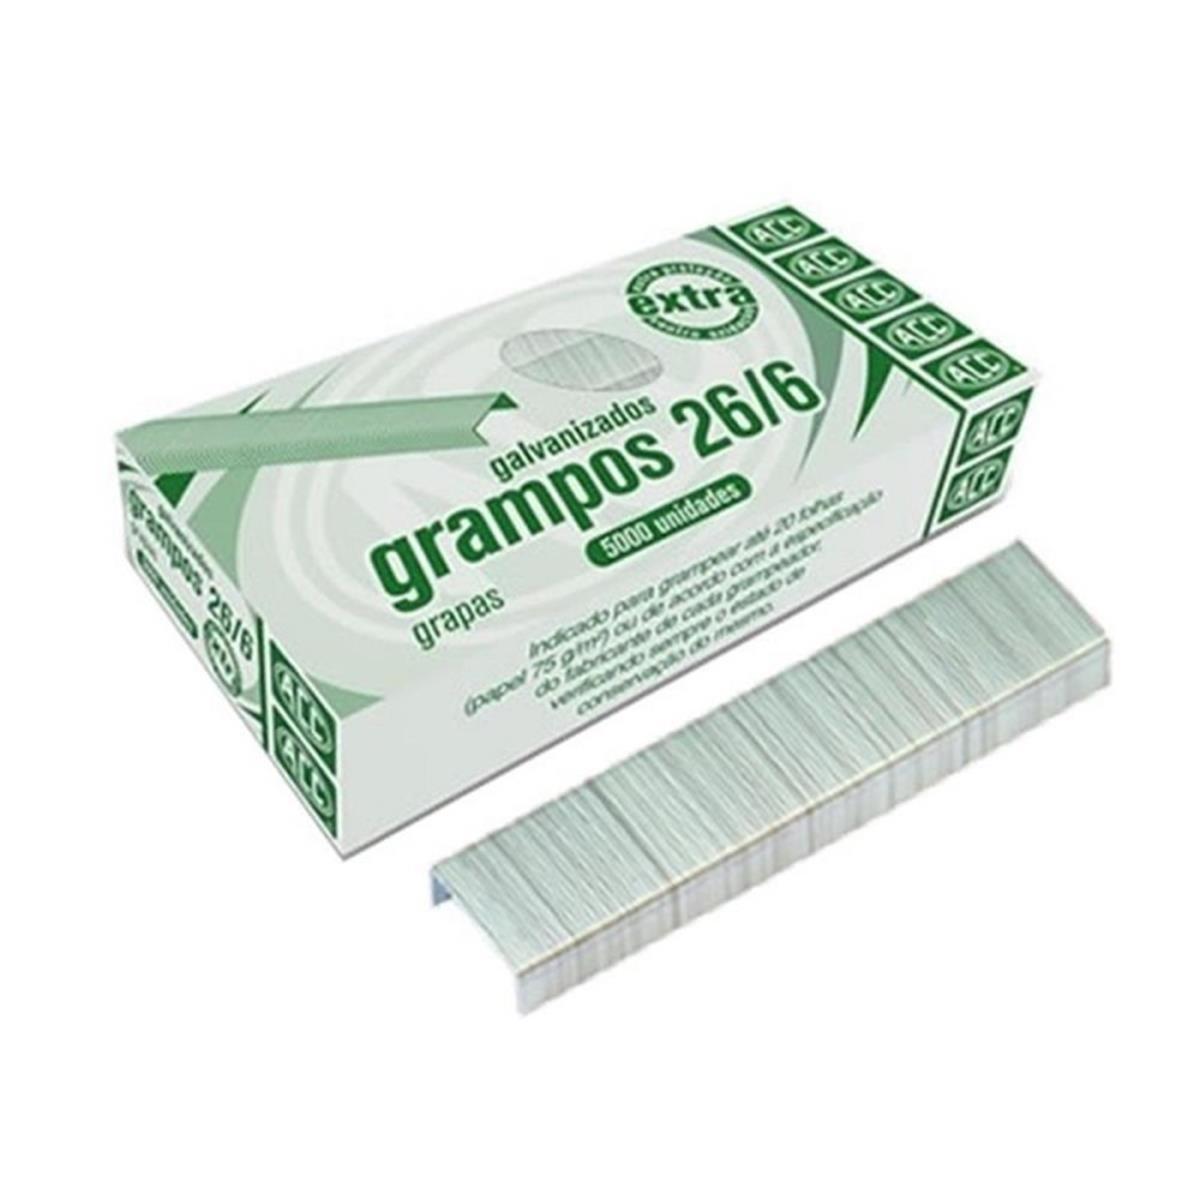 Grampos 26/6 5000 Unidades - ACC